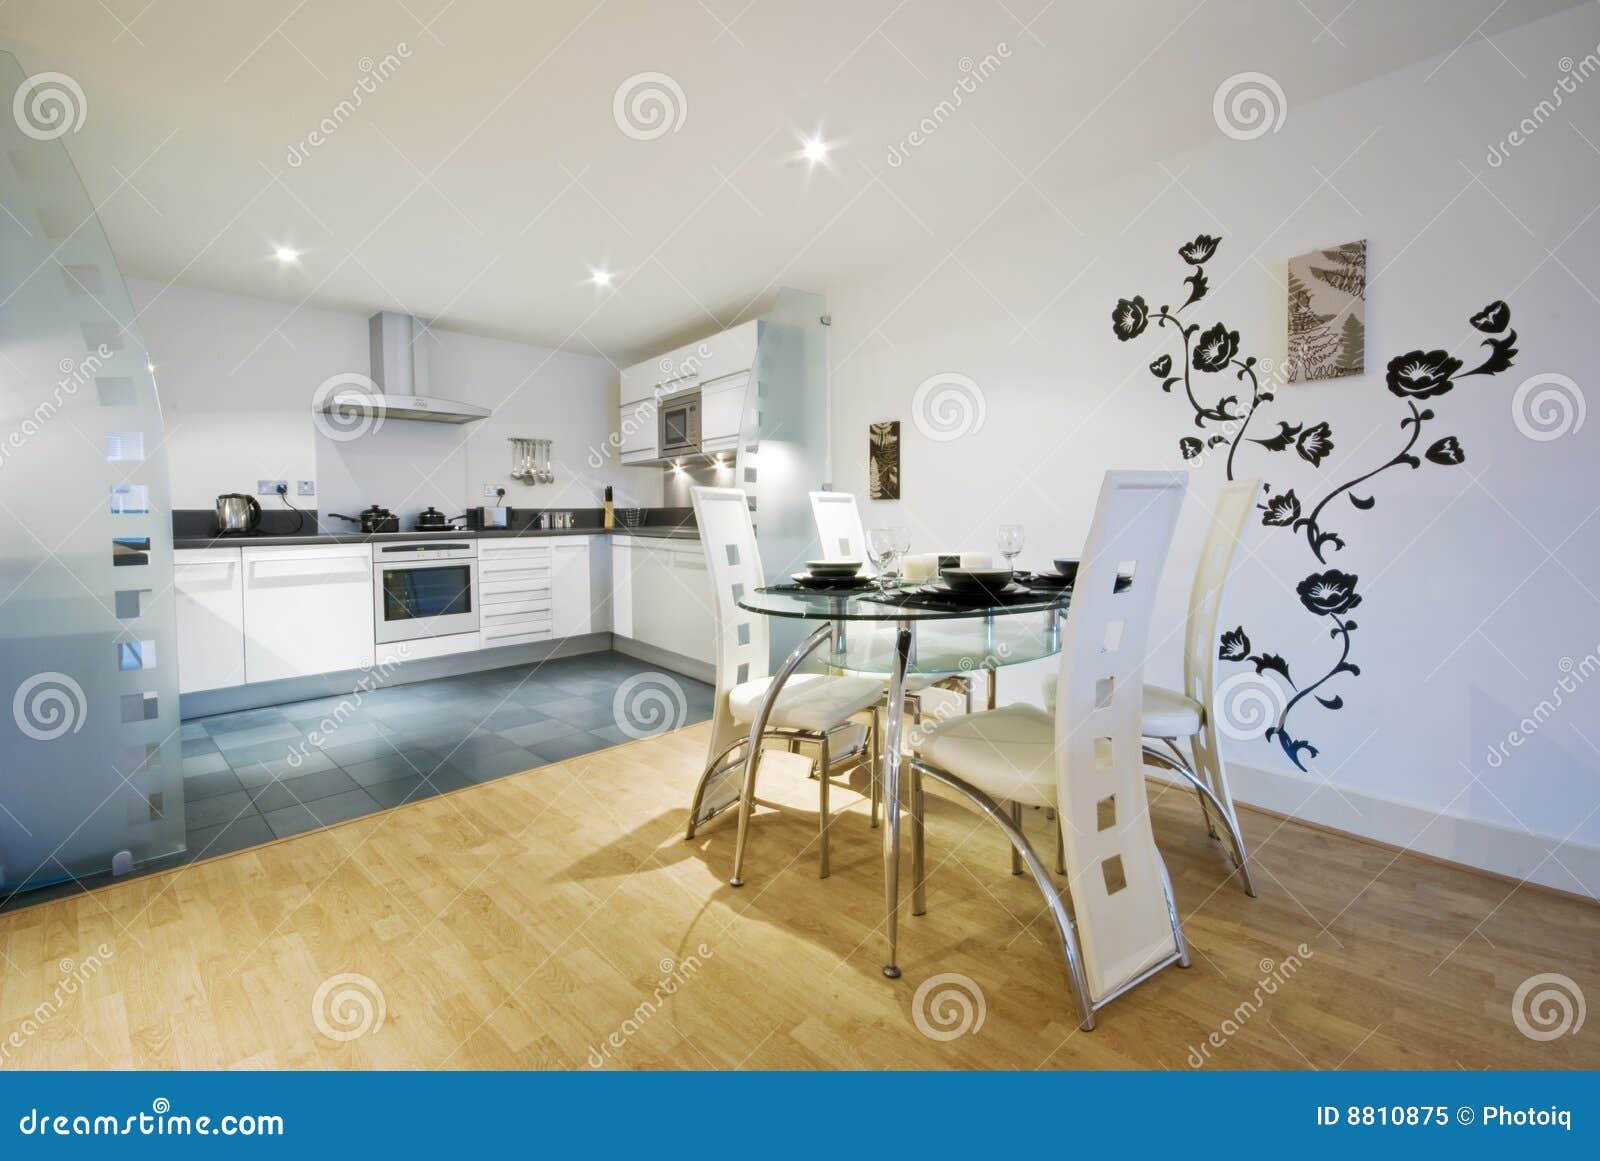 Soggiorno sala da pranzo idee - Arredare salotto e sala da pranzo insieme ...